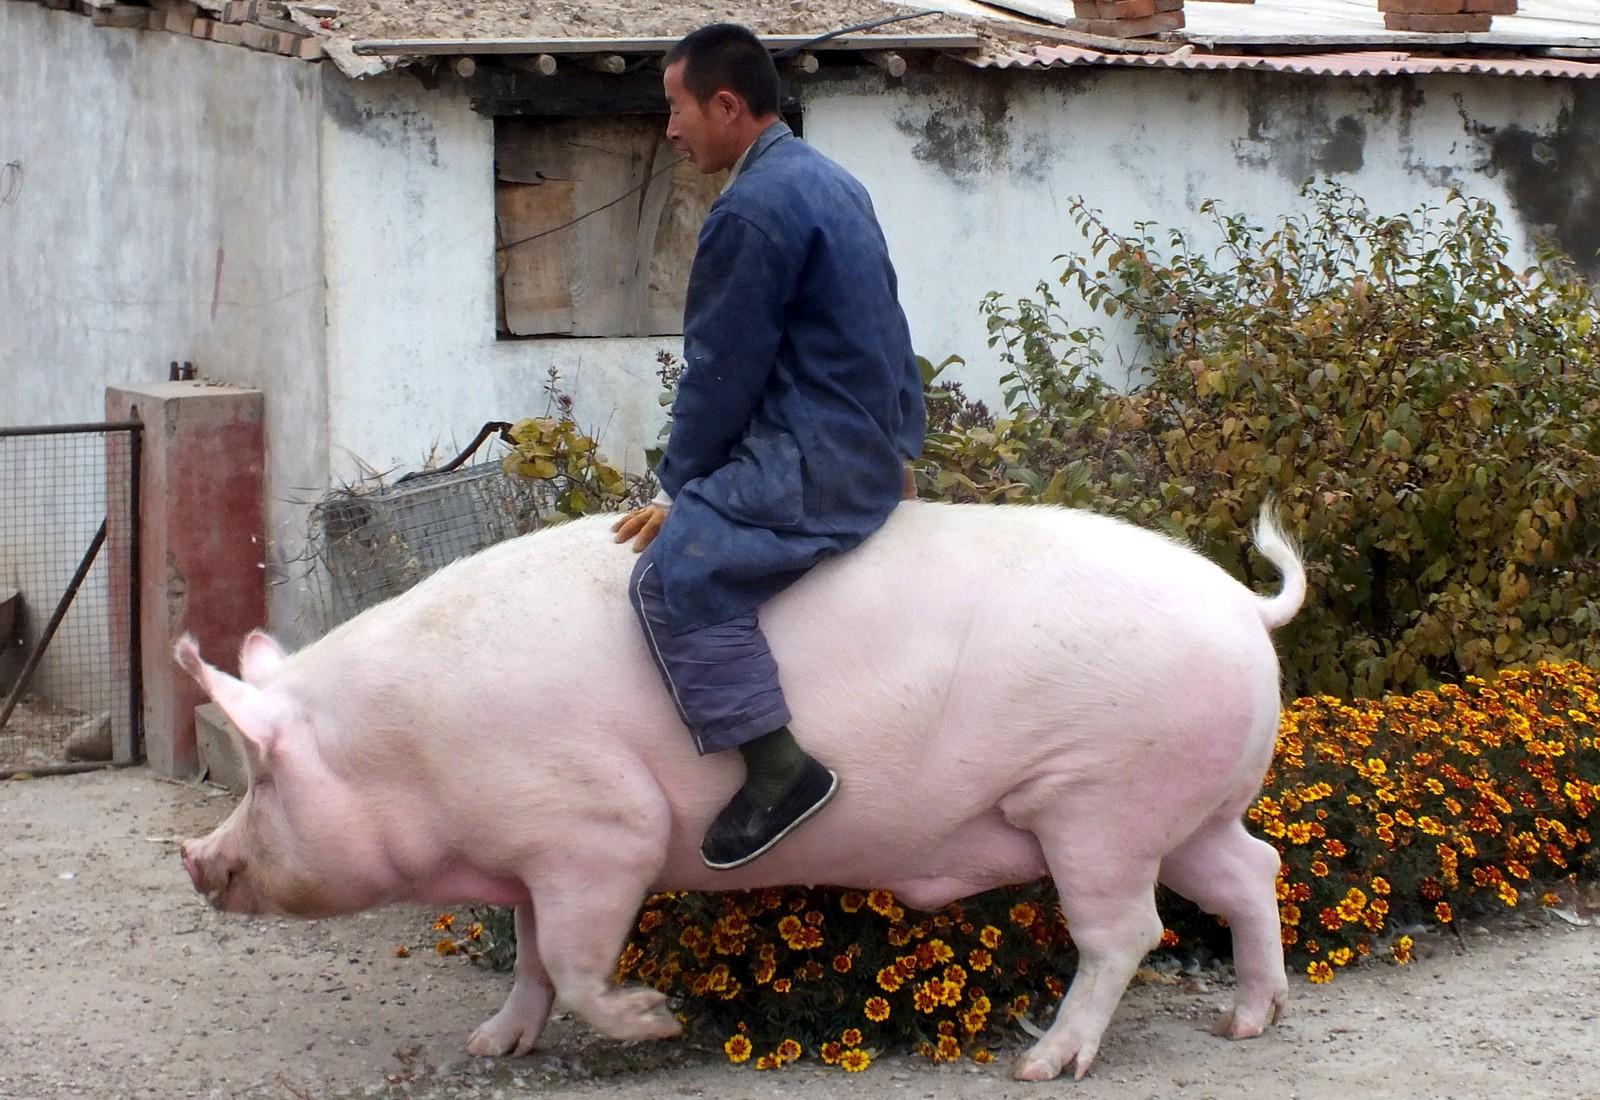 """Bonden Zhang Xianping rir på sin """"Big Precious"""" mens fotografene knipser i vei. Grisen var egentlig på vei til slakteren, men bonden bestemte seg for å ha den som kjæledyr da vekta nådde 600 kilo."""